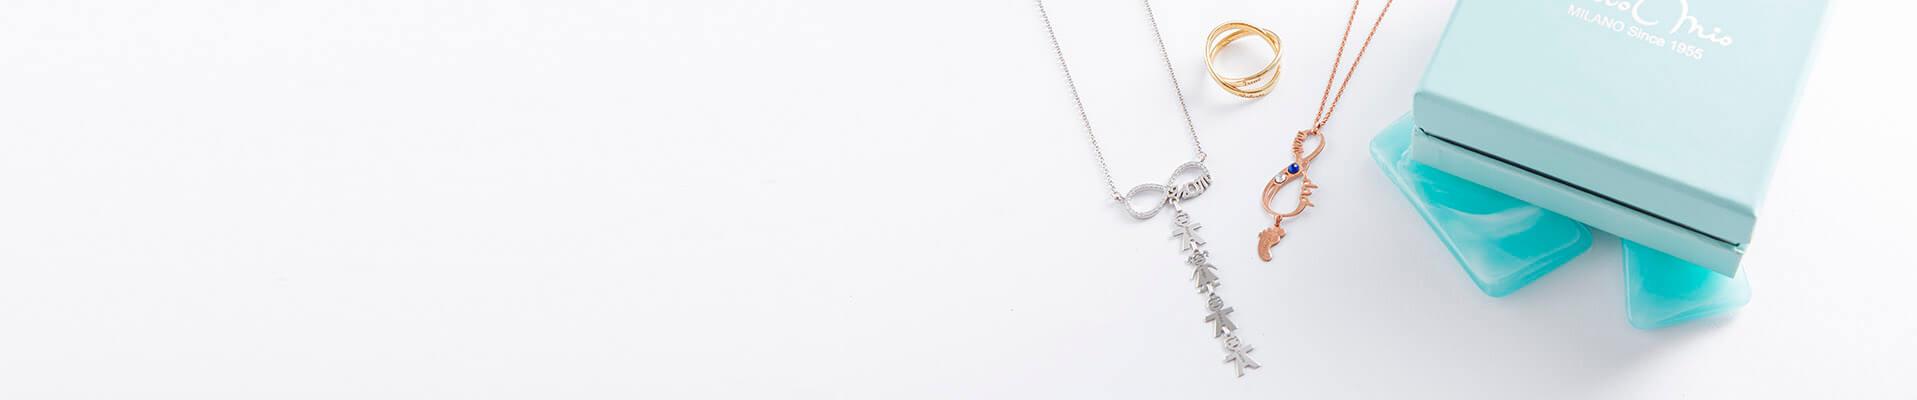 infinity jewellery web banner